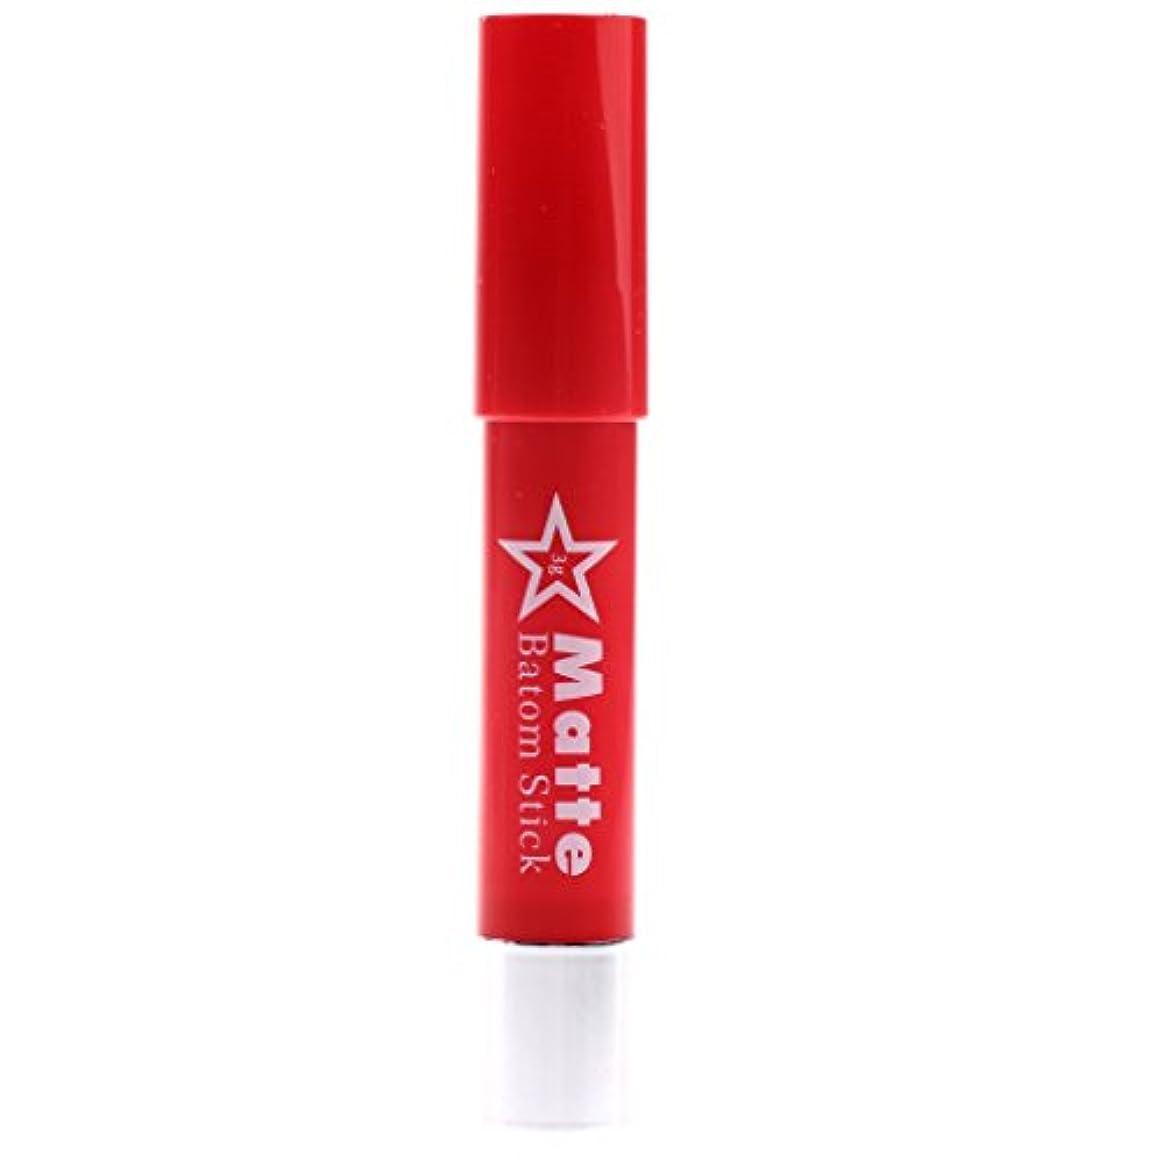 ハロウィンタオルバッグ6色セット リップスティック 口紅 長持ち 保湿 高彩度カラー 人気カラー 携帯便利 - #F